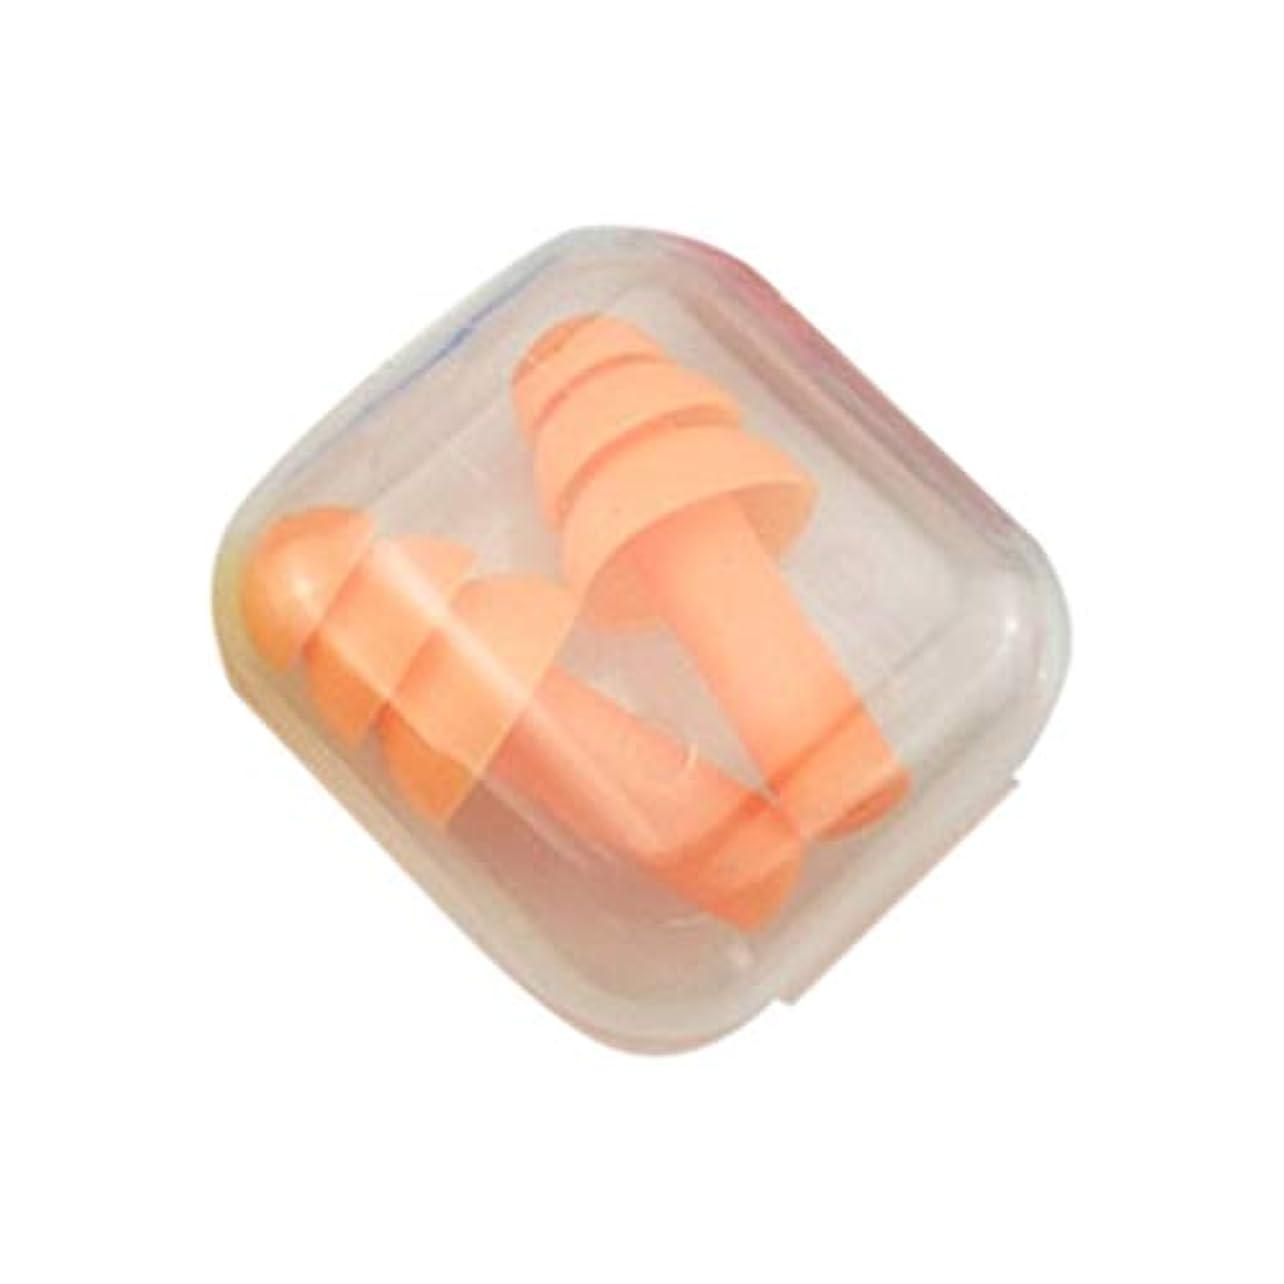 緩やかなコンテンポラリー船上柔らかいシリコーンの耳栓遮音用耳の保護用の耳栓防音睡眠ボックス付き収納ボックス - オレンジ